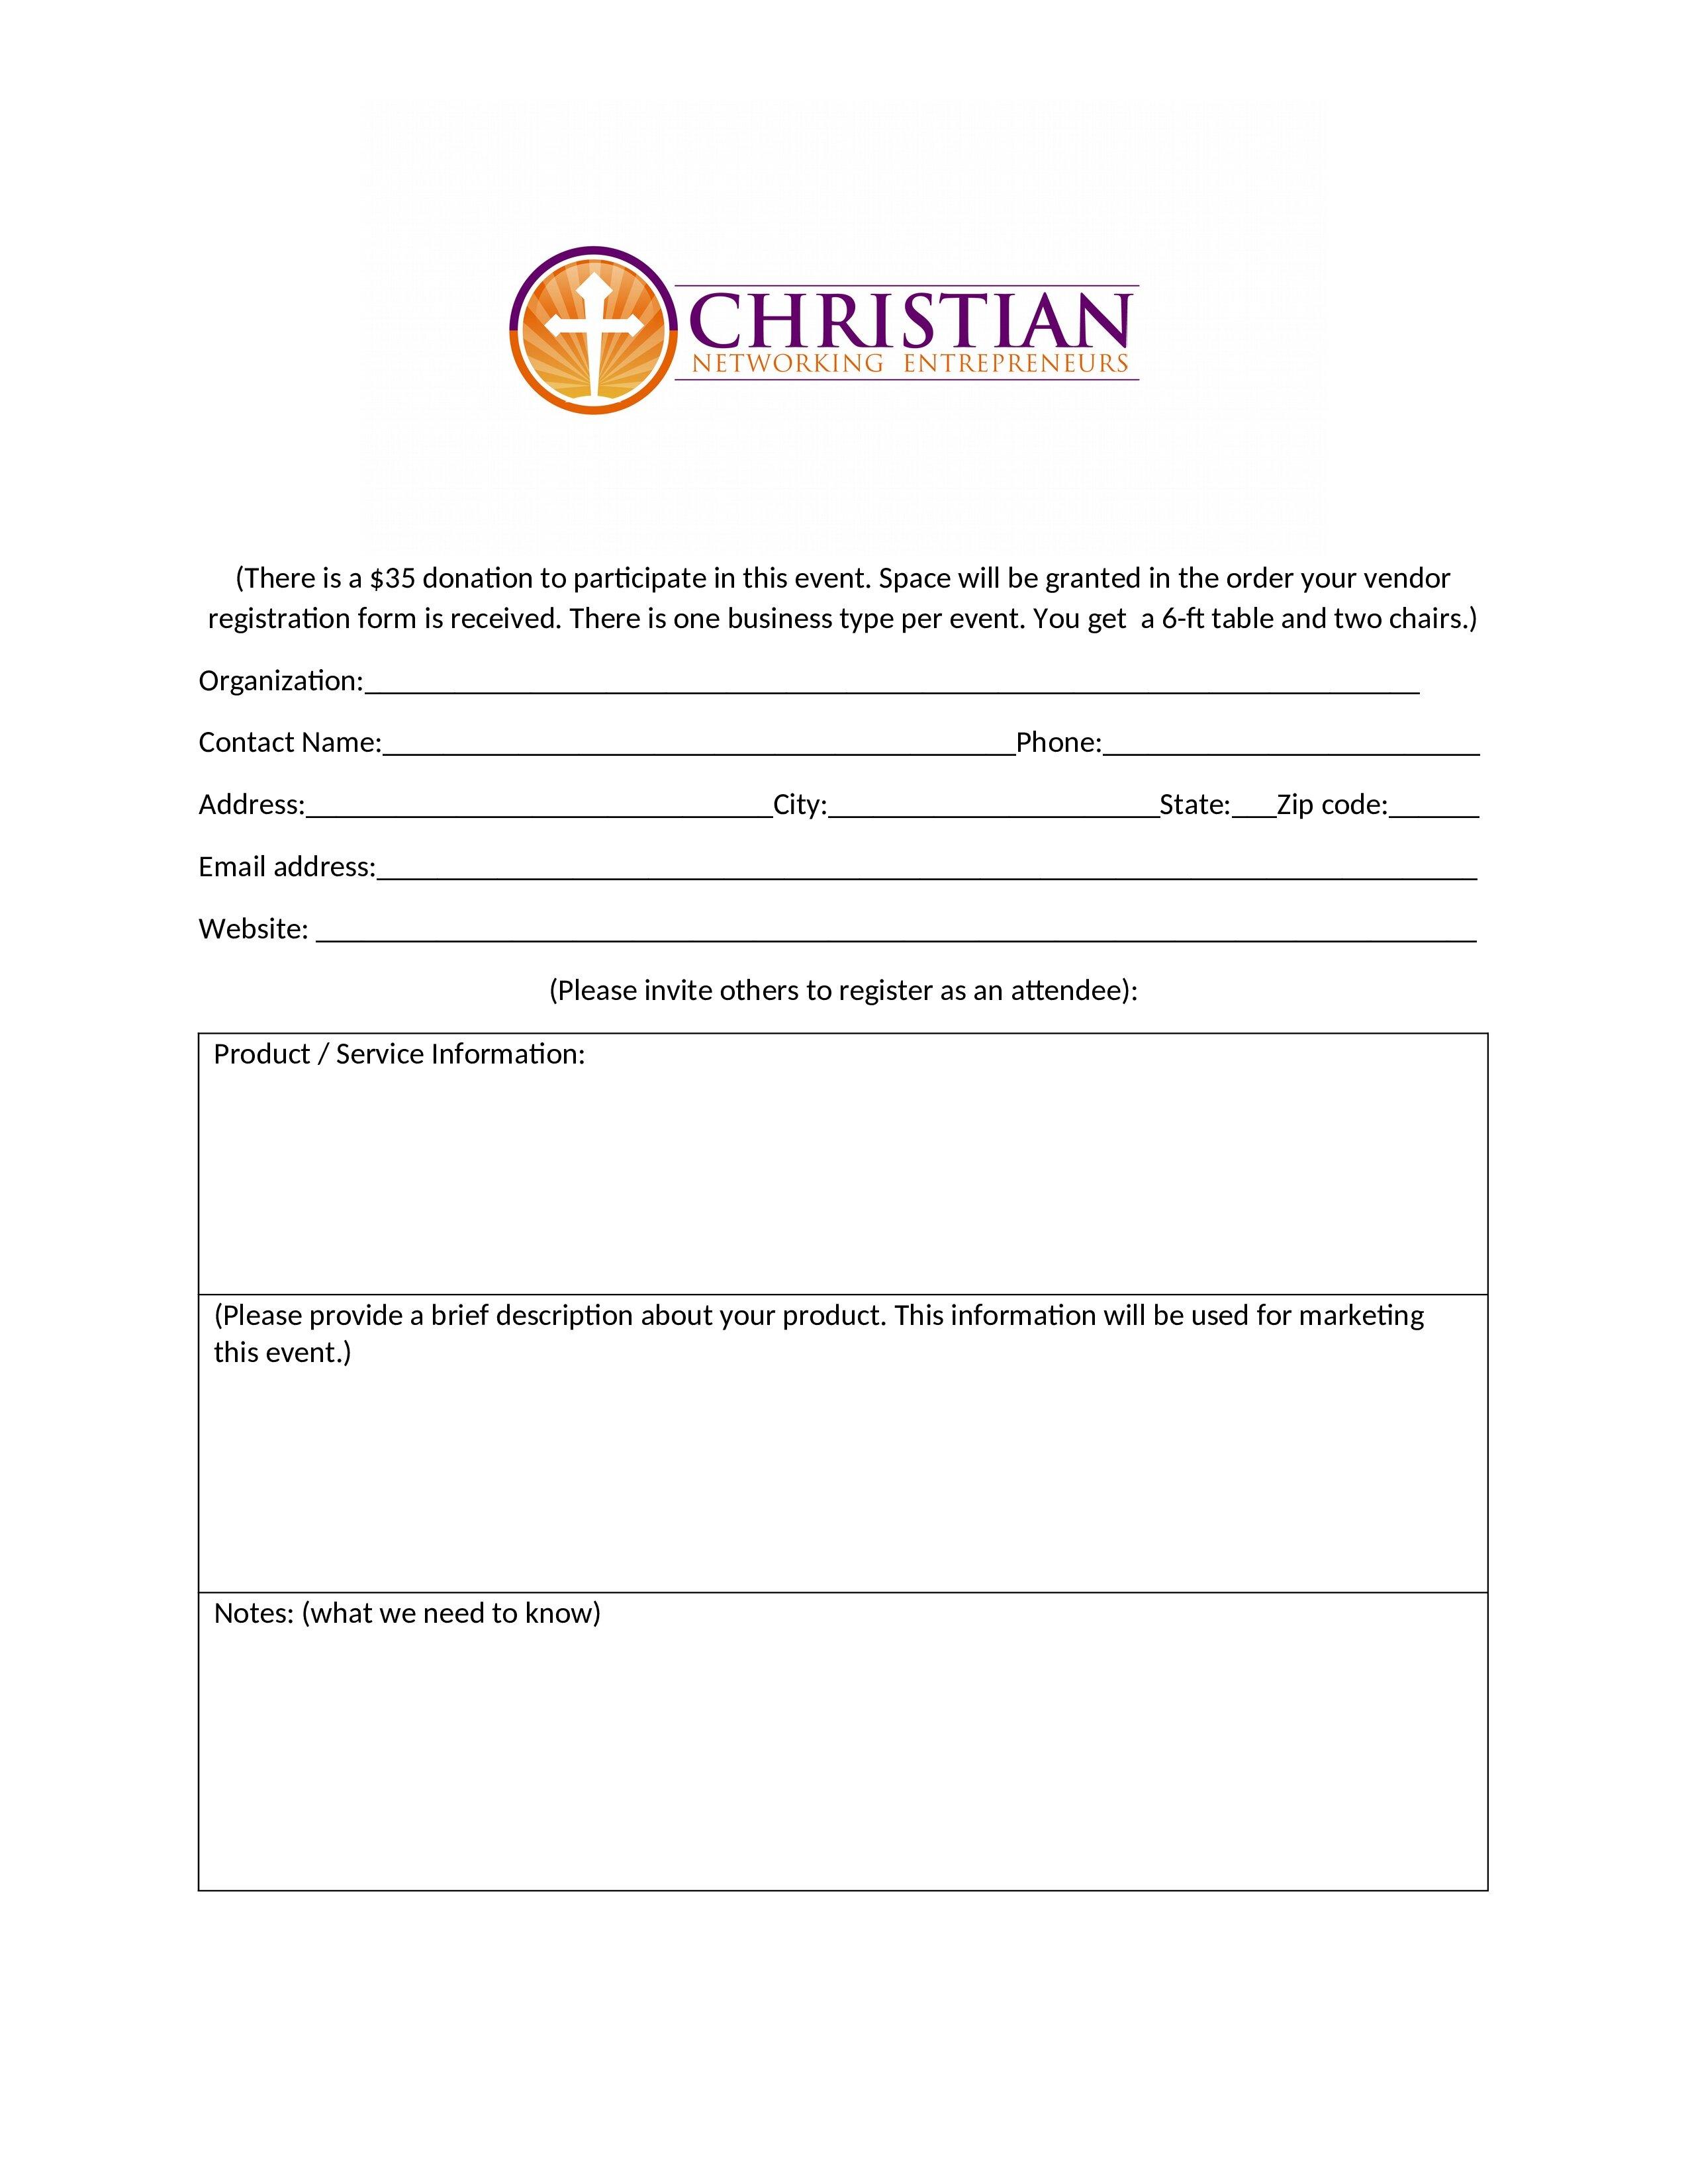 CNE Vendor Registration Form